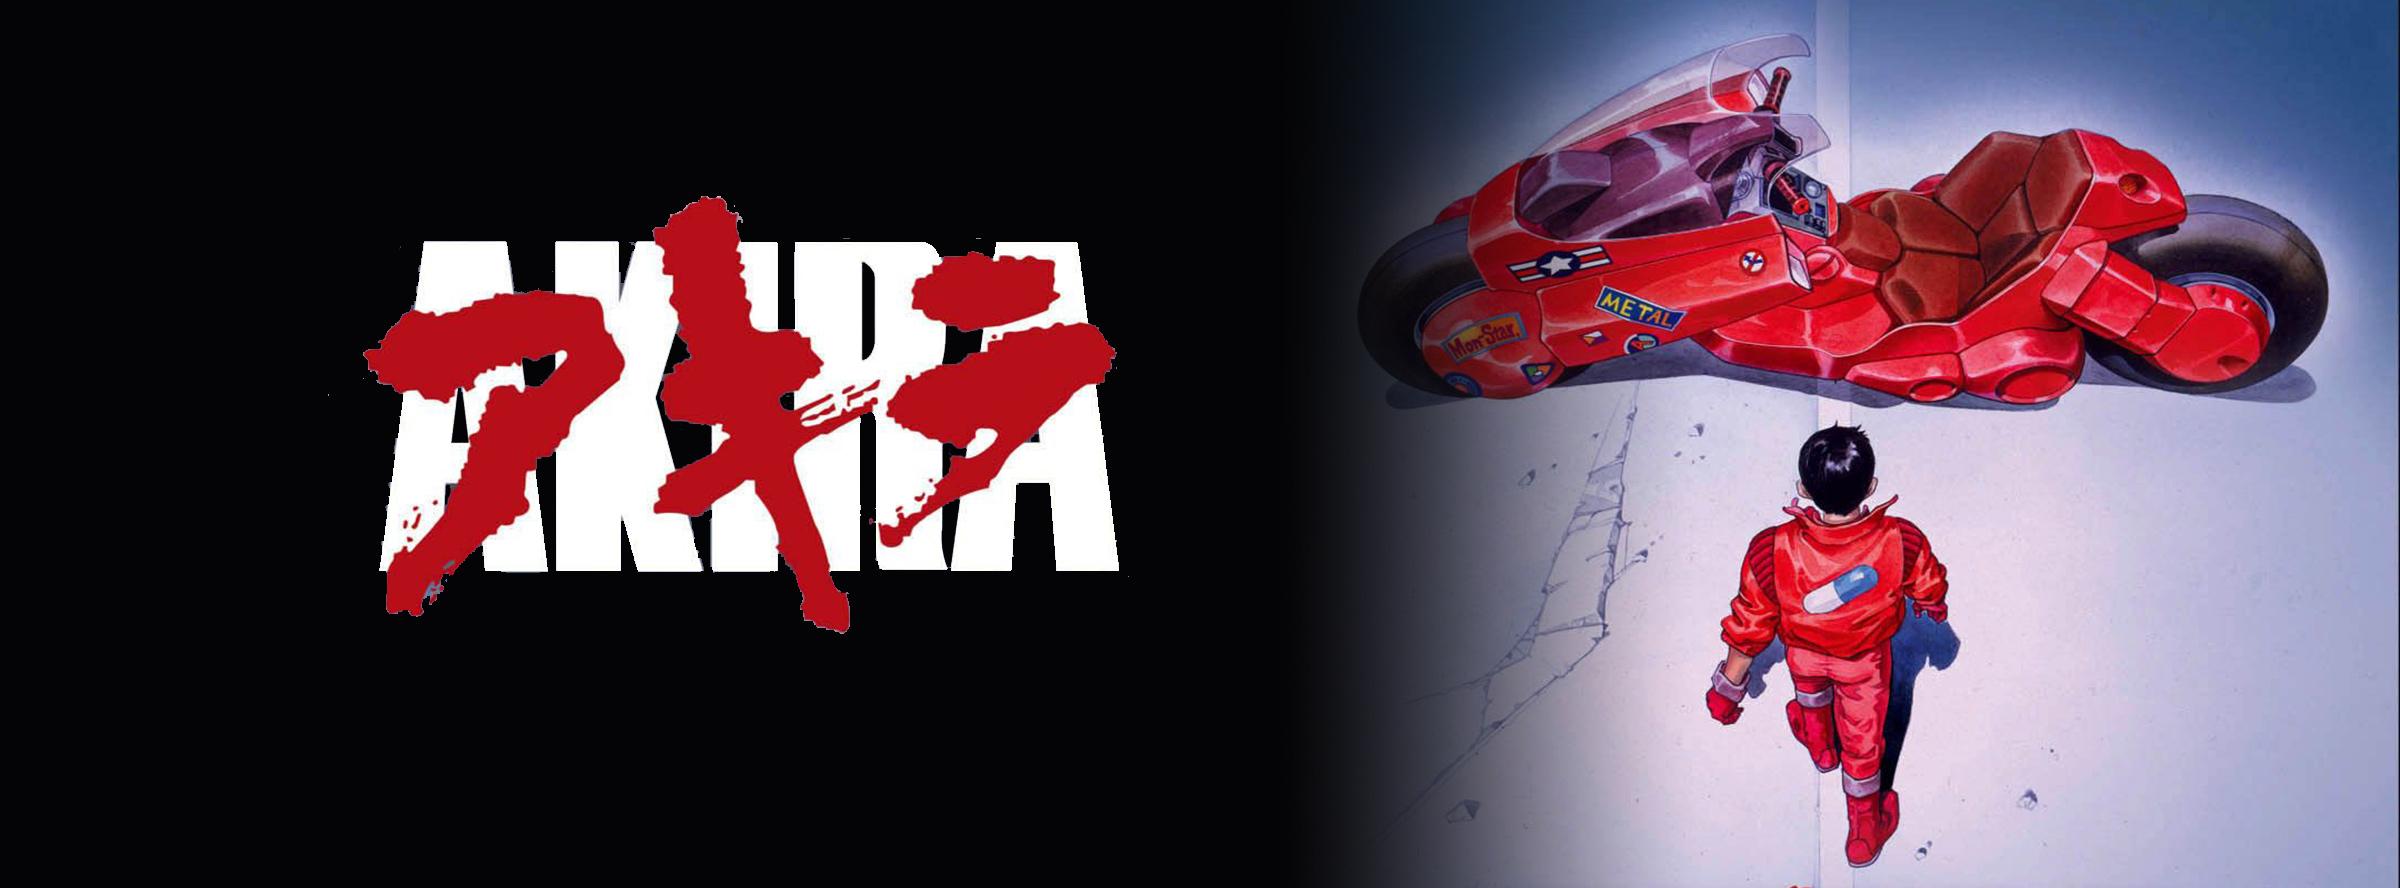 Slider Image for Akira (1988)